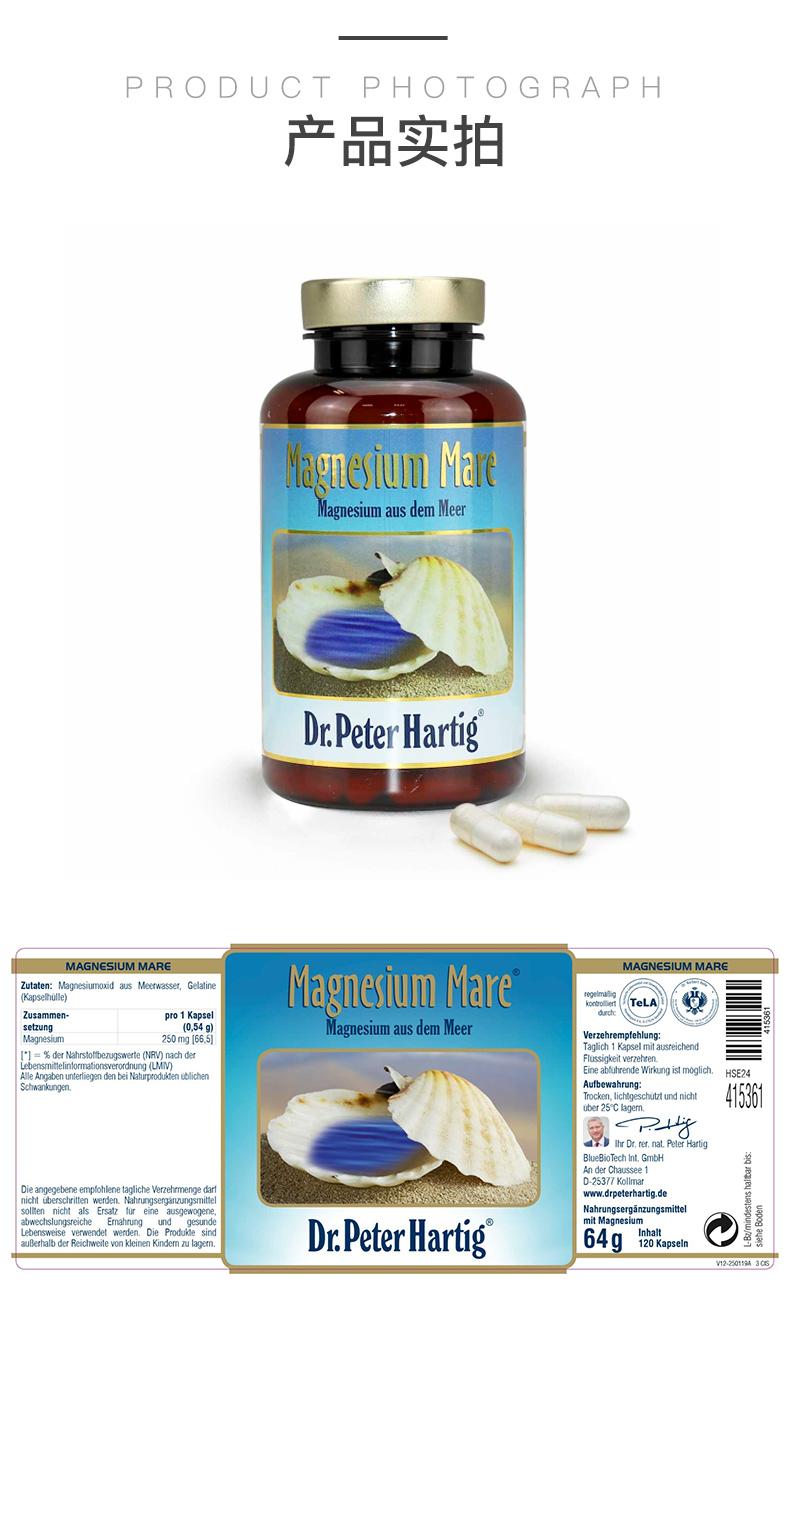 德国dph海洋镁胶囊120粒促进钙吸收缓解肌肉僵硬增加肌肉耐久力 ¥269.00 产品系列 第8张